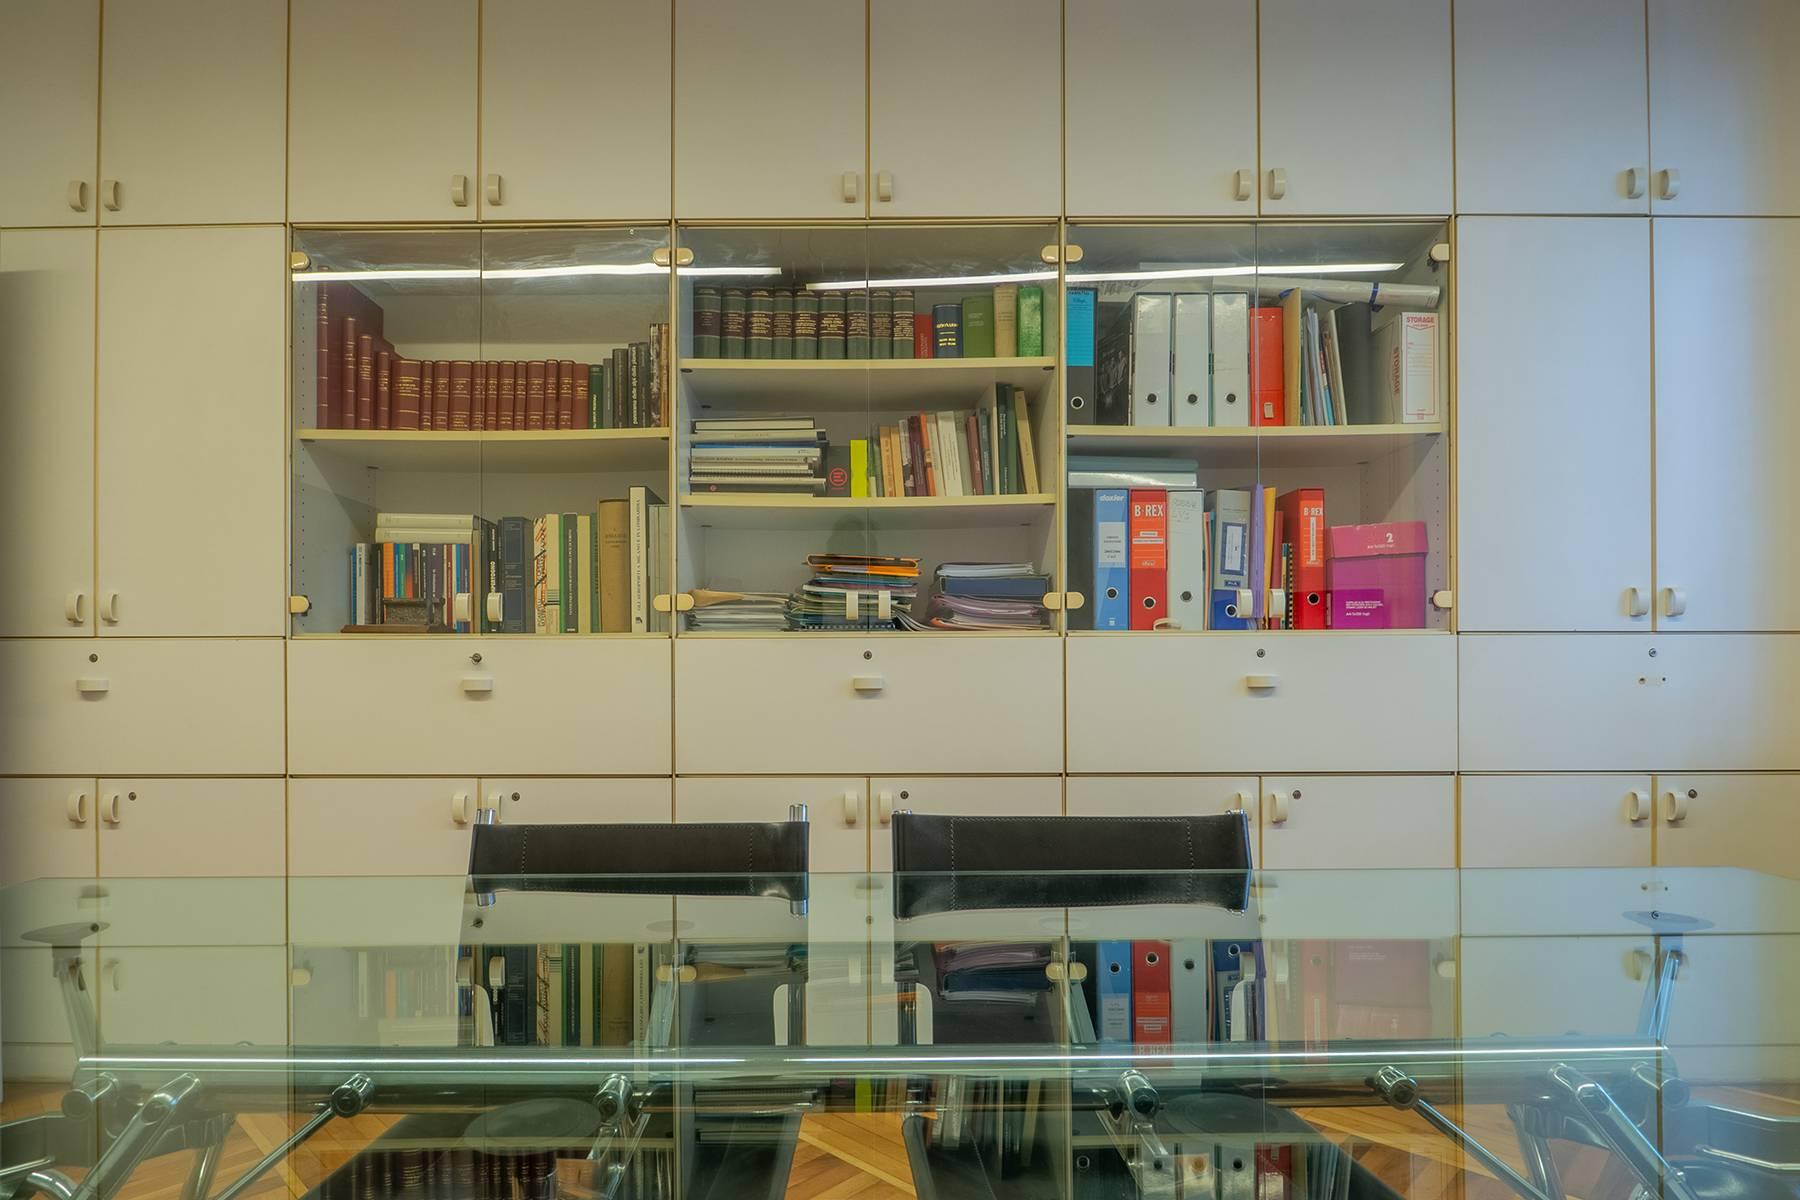 Ufficio-studio in Vendita a Torino: 4 locali, 224 mq - Foto 10